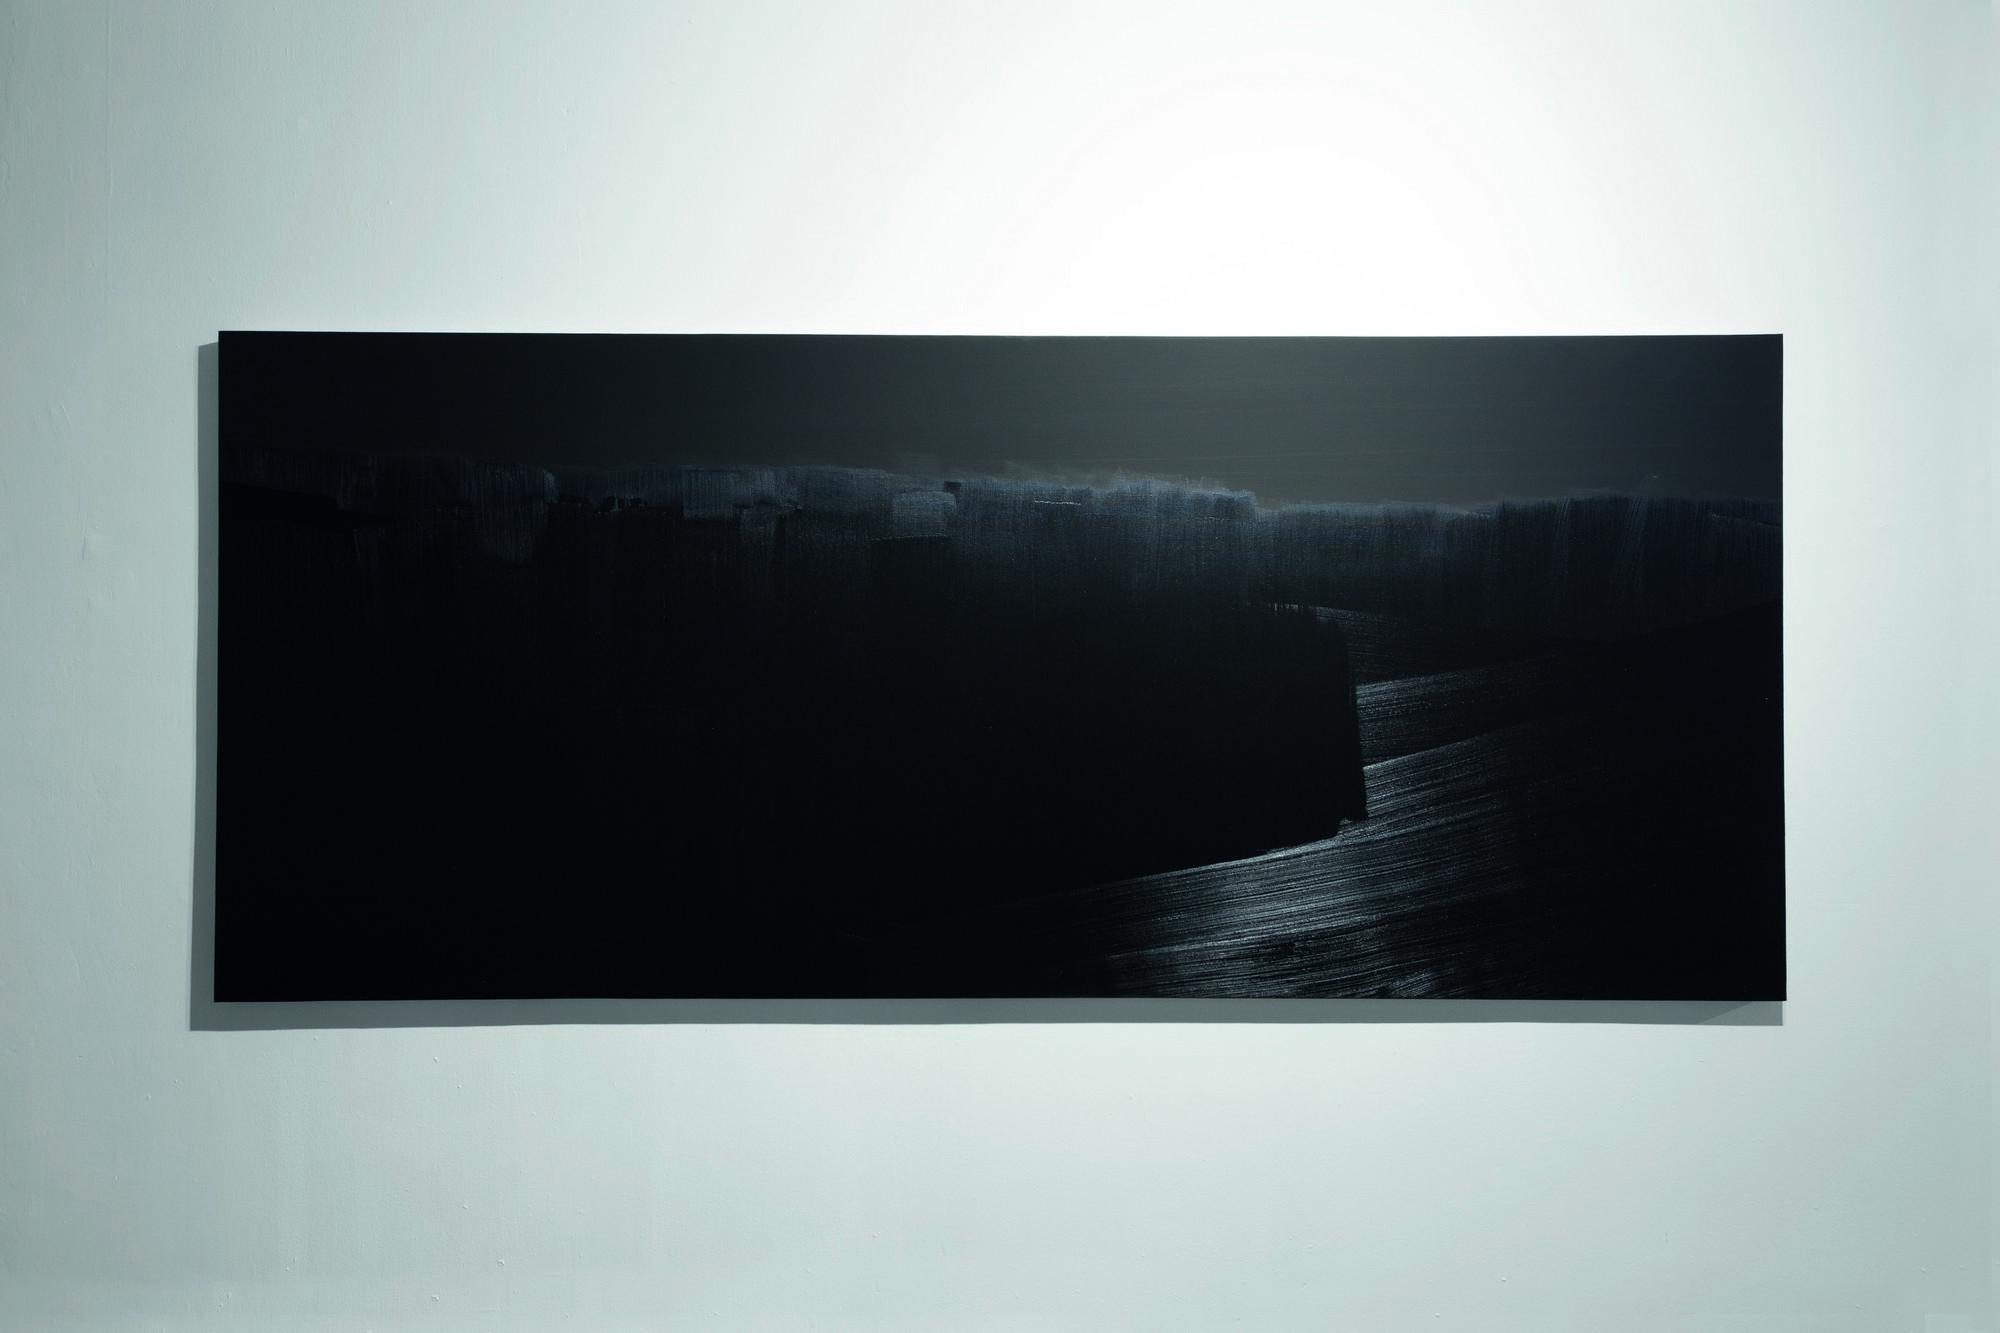 """Rafał Bujnowski, """"Pejzaż z serii Nokturn"""", 2014, olej na płótnie, ok. 130 x 300 cm (źródło: materiały prasowe organizatora wystawy)"""